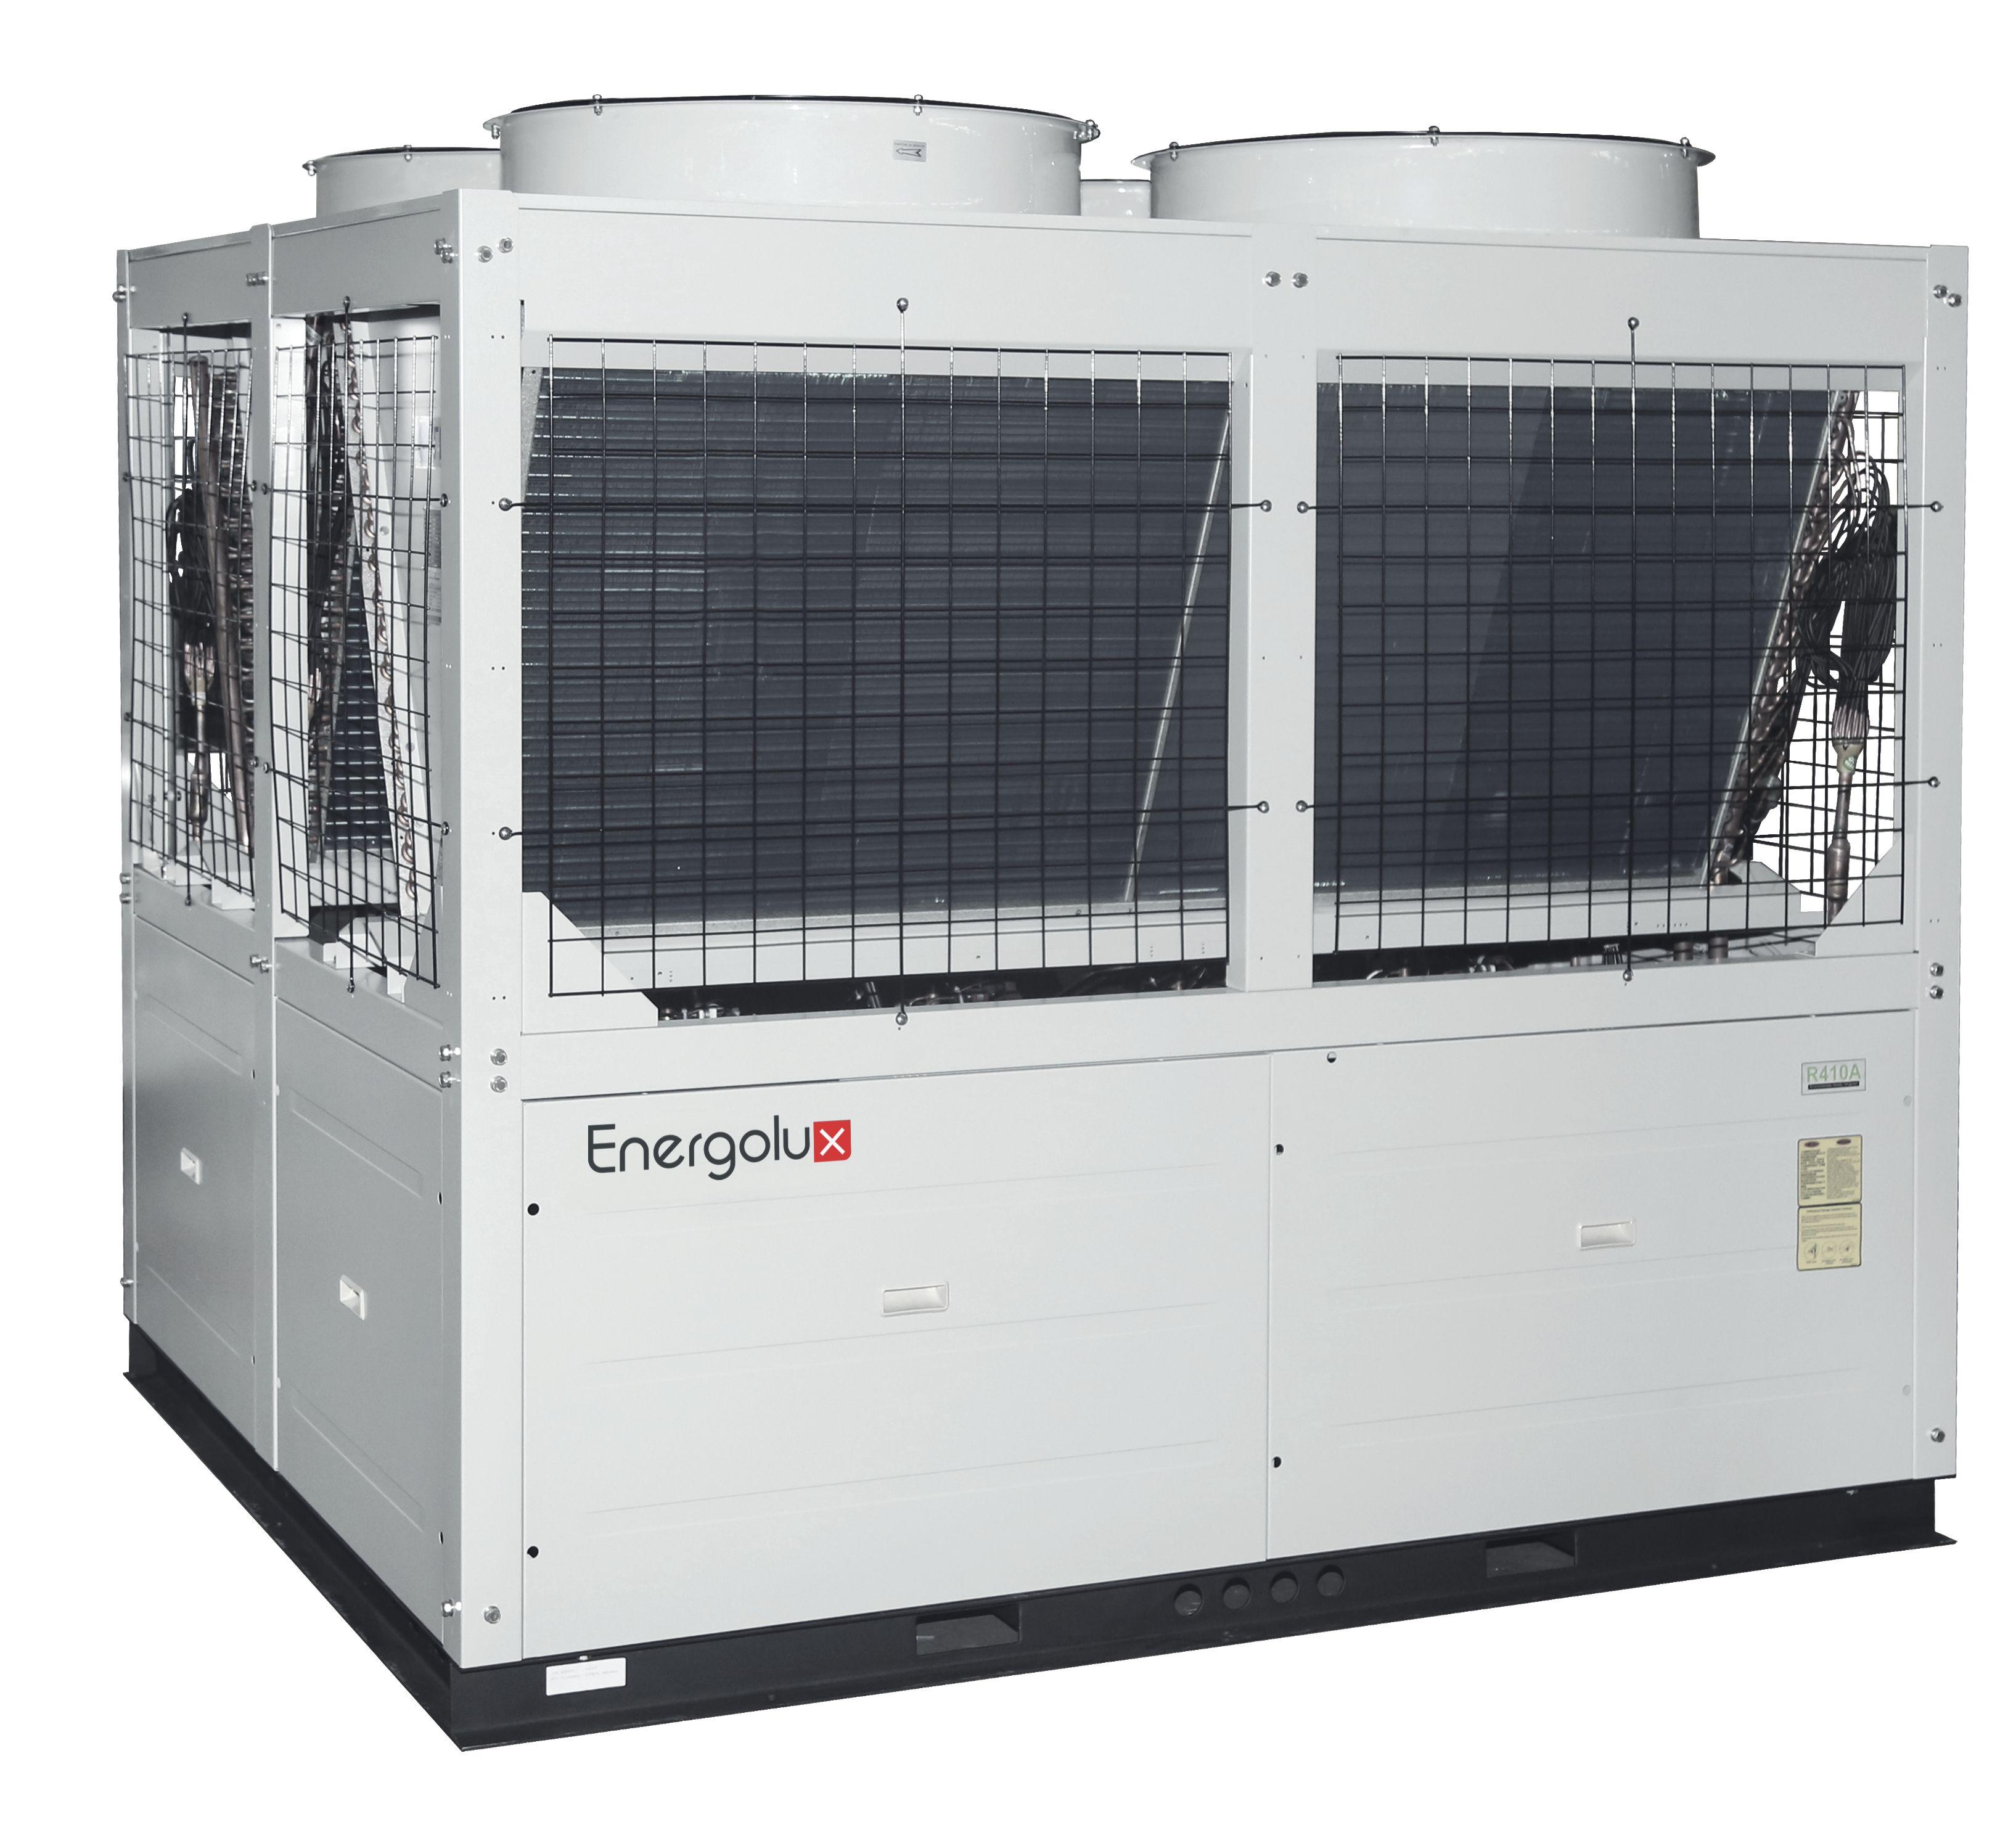 Energolux SCAW-M 150 ZHE